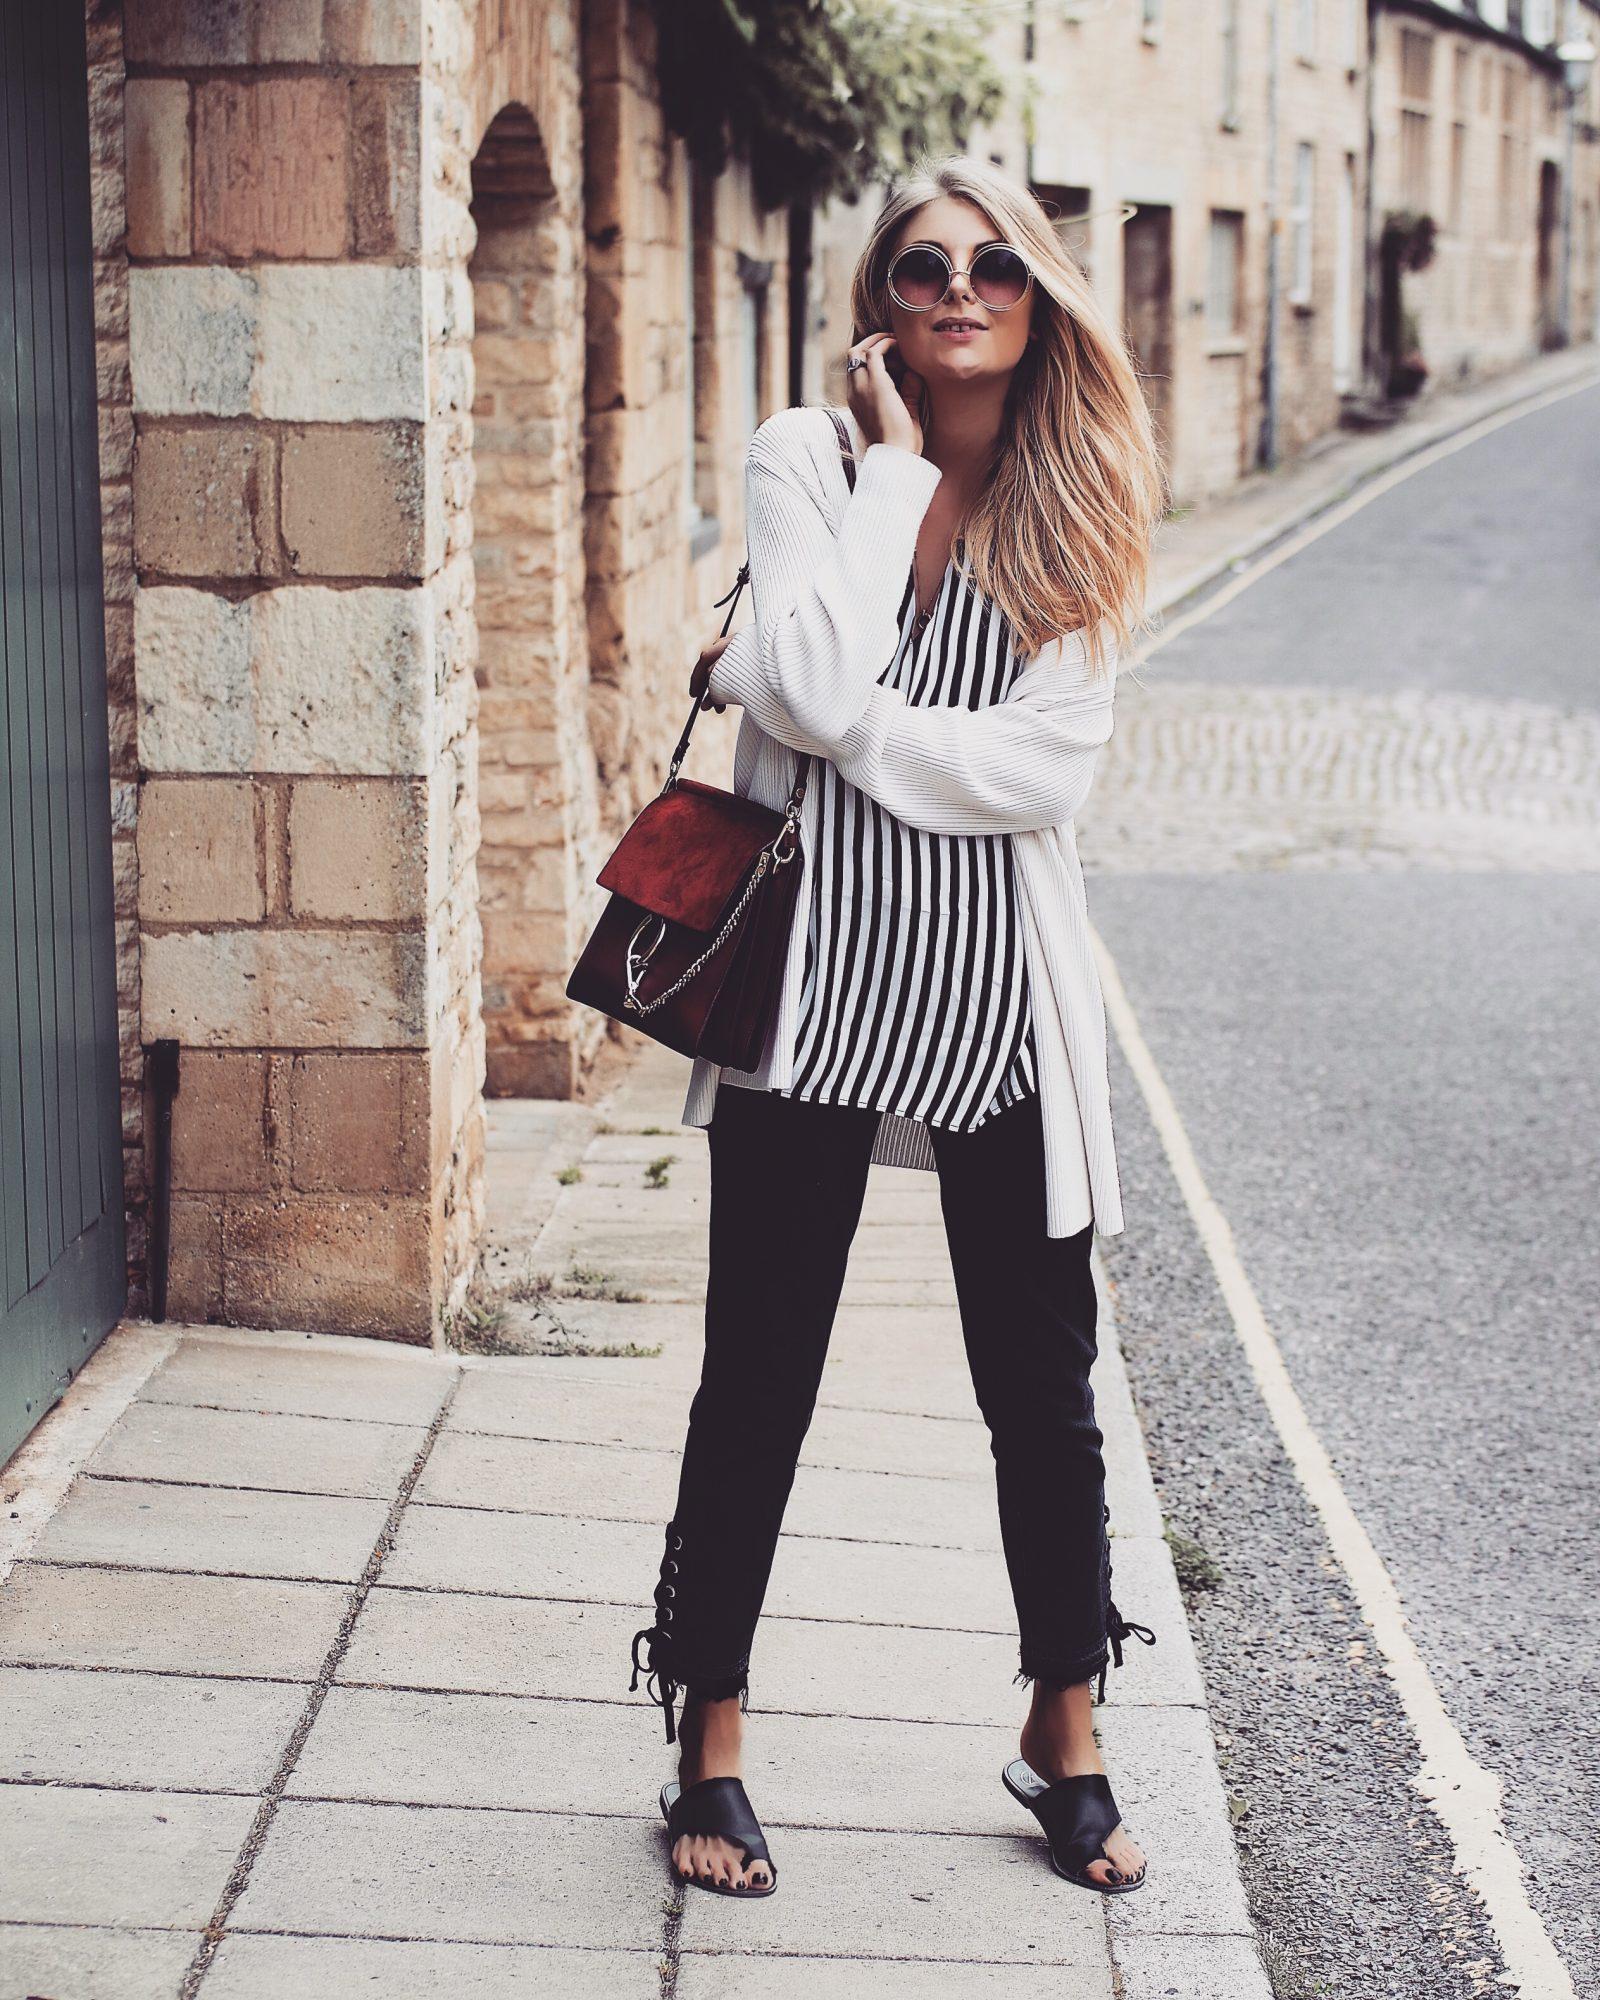 Monochrome Summer Outfit - Paige Denim Black Jeans